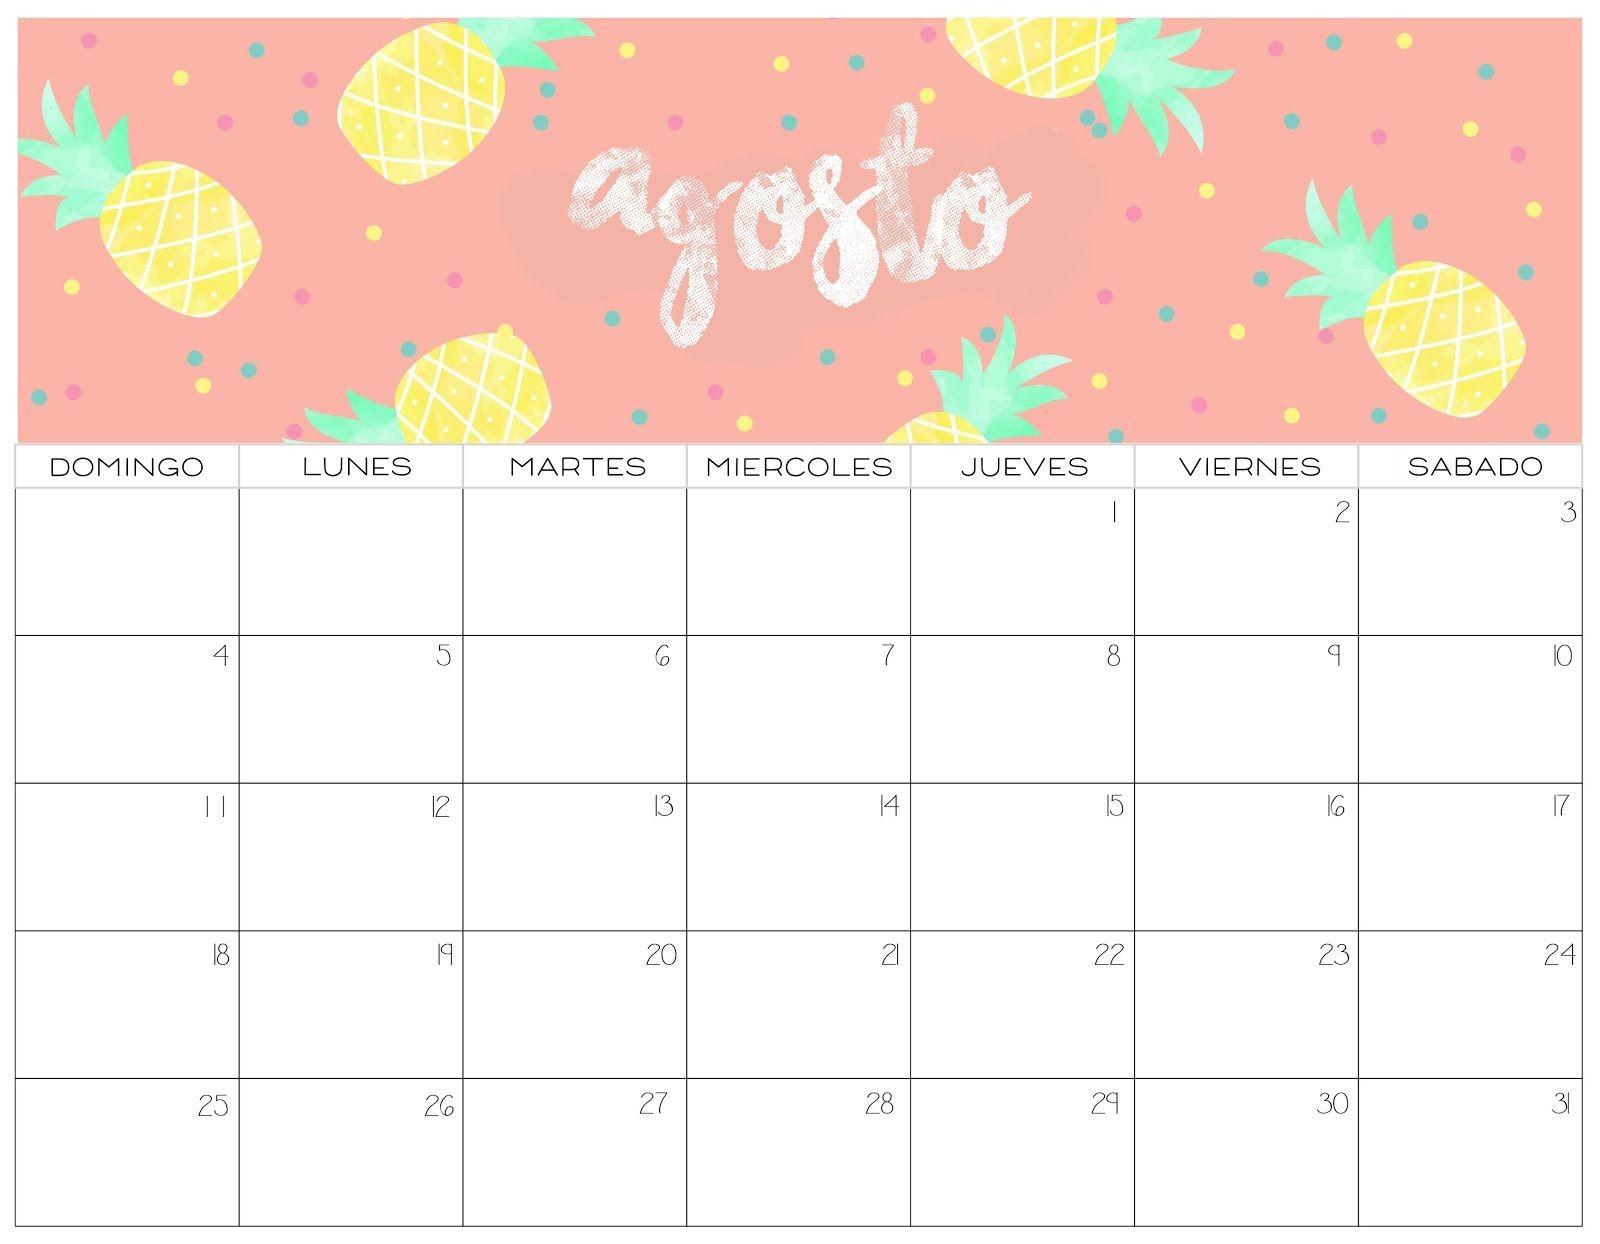 Imprimir Un Calendario De Mes Más Reciente Calendario 2019 Colorido 2 Estilos Agendas Of Imprimir Un Calendario De Mes Más Populares Vuelta Al Cole 2017 100 Plantillas Y Horarios Gratis Para